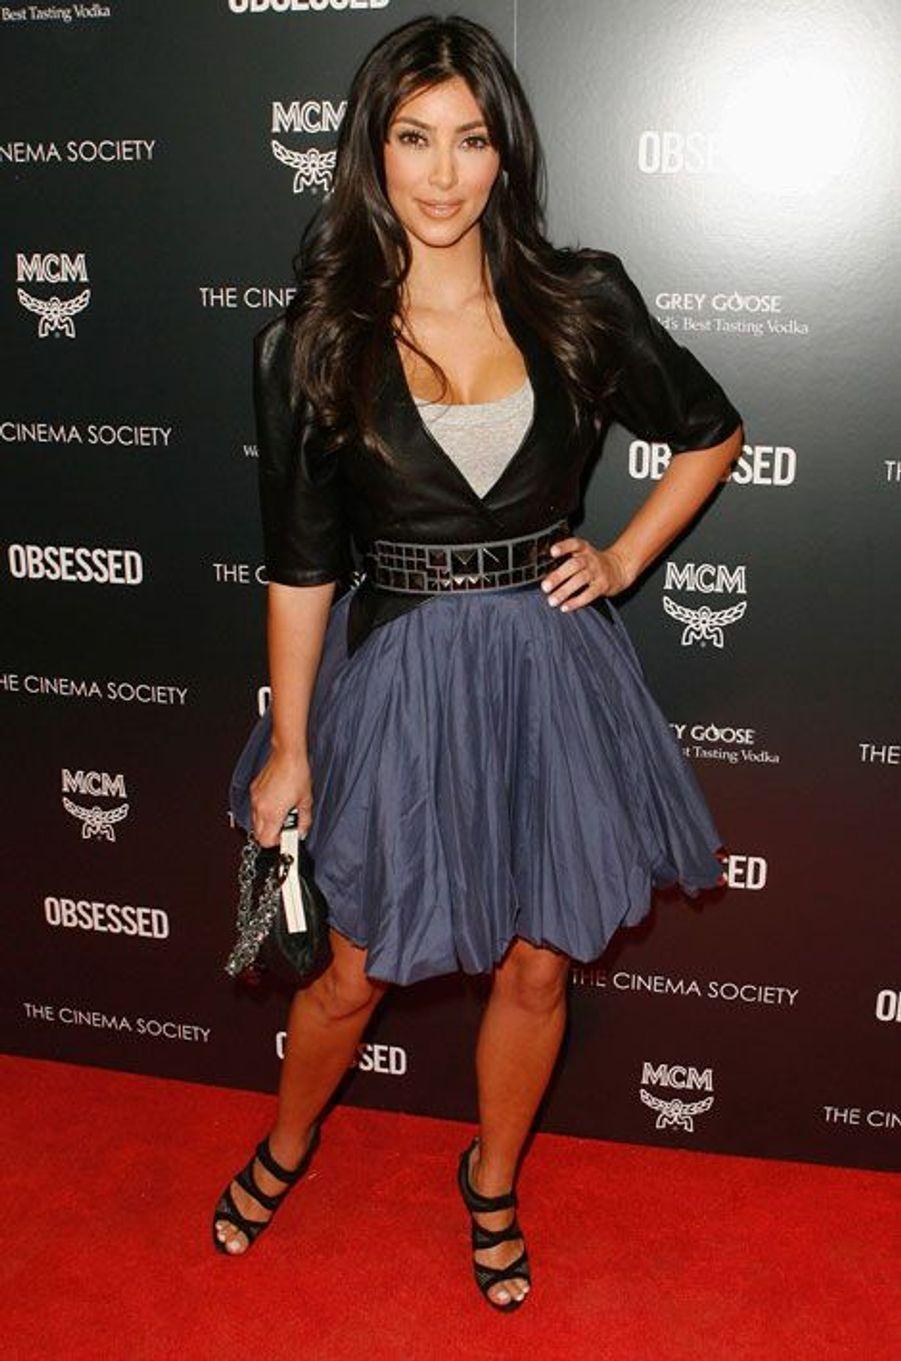 A la première du film «Obsessed», en 2009